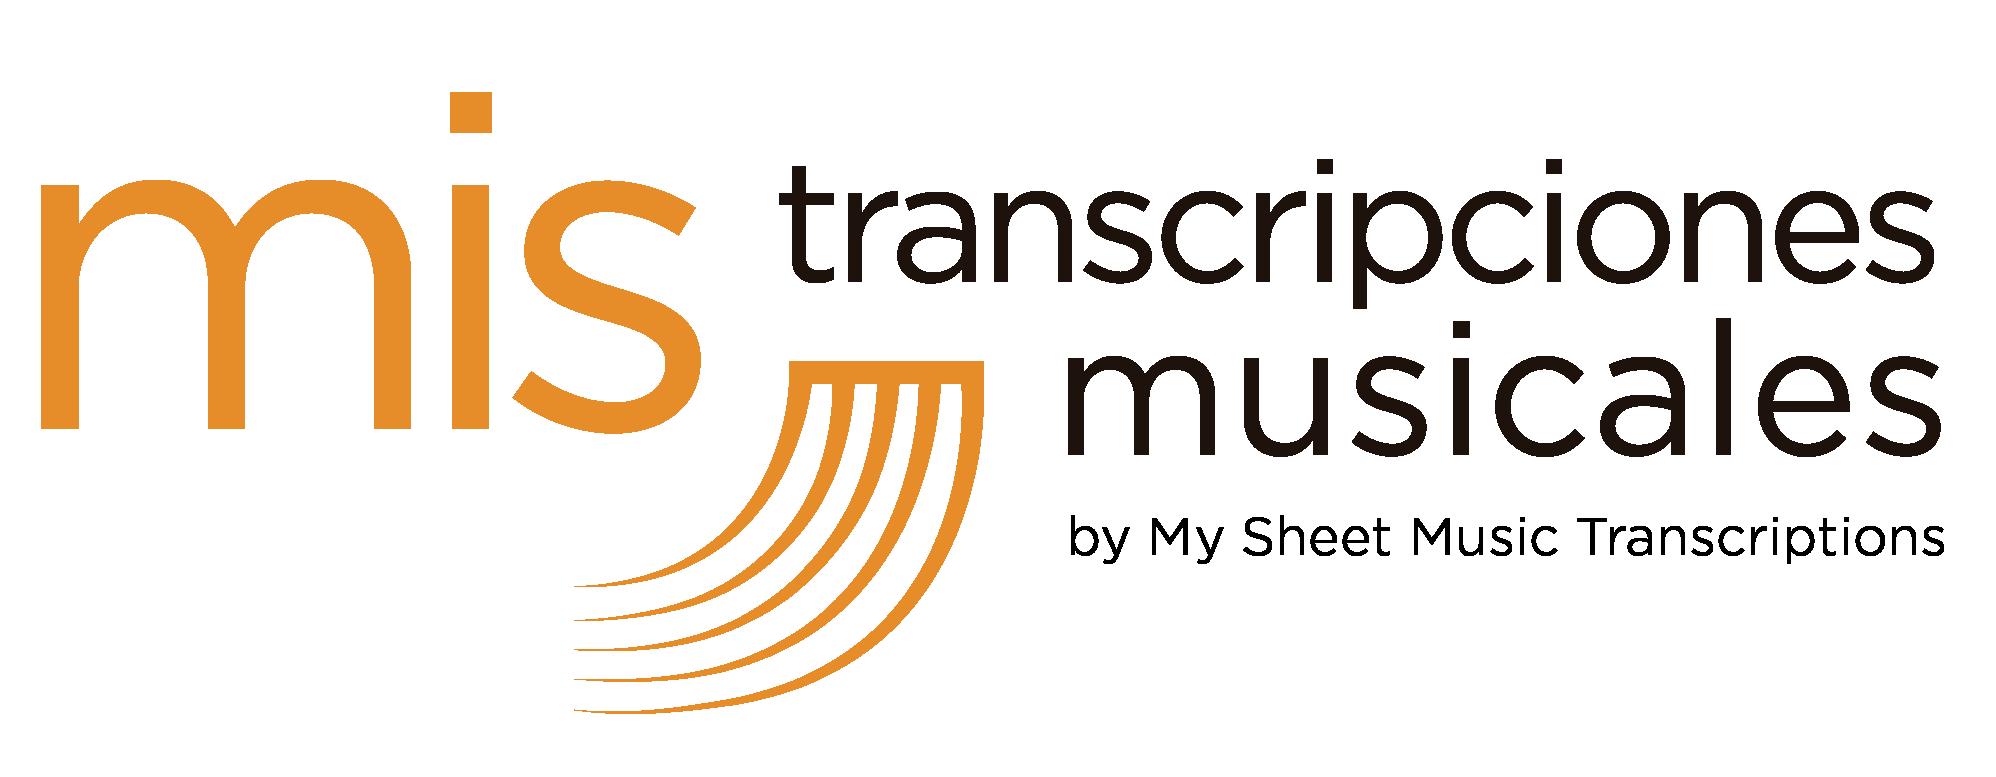 Servicio de transcripción de partituras